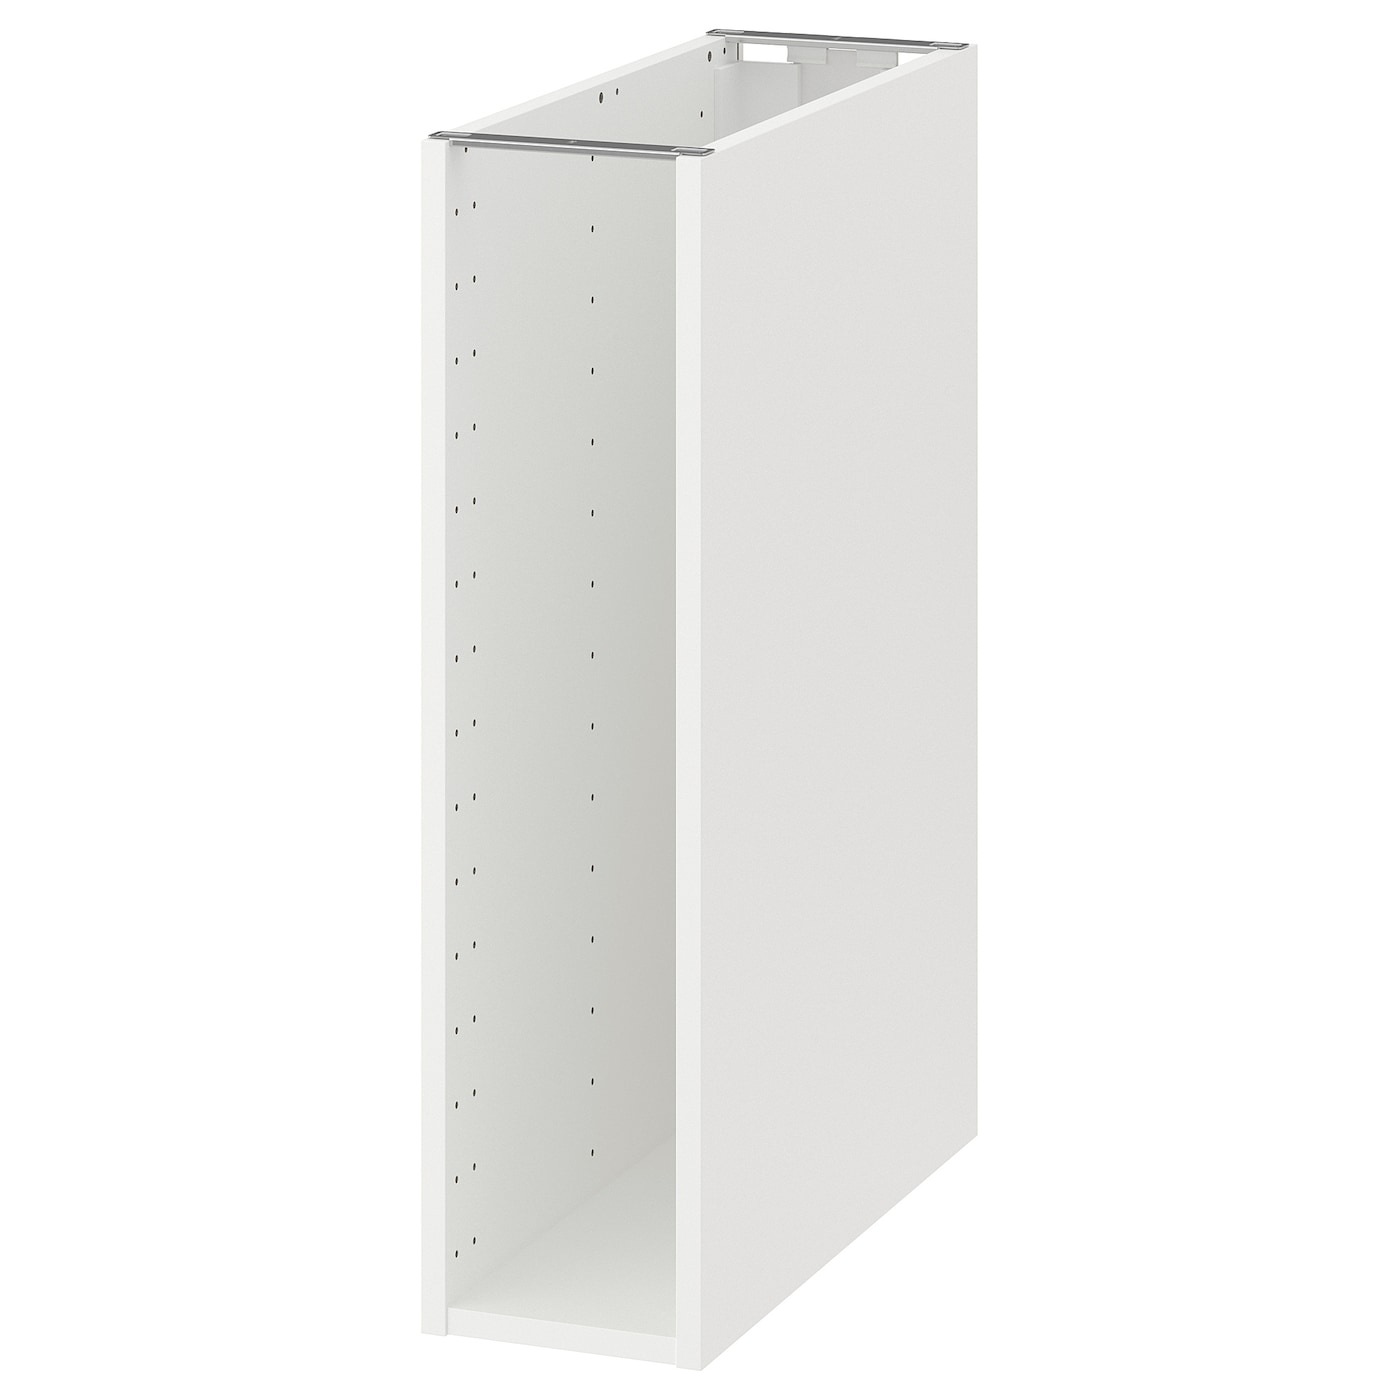 METOD Structure élément bas - blanc 10x10x10 cm